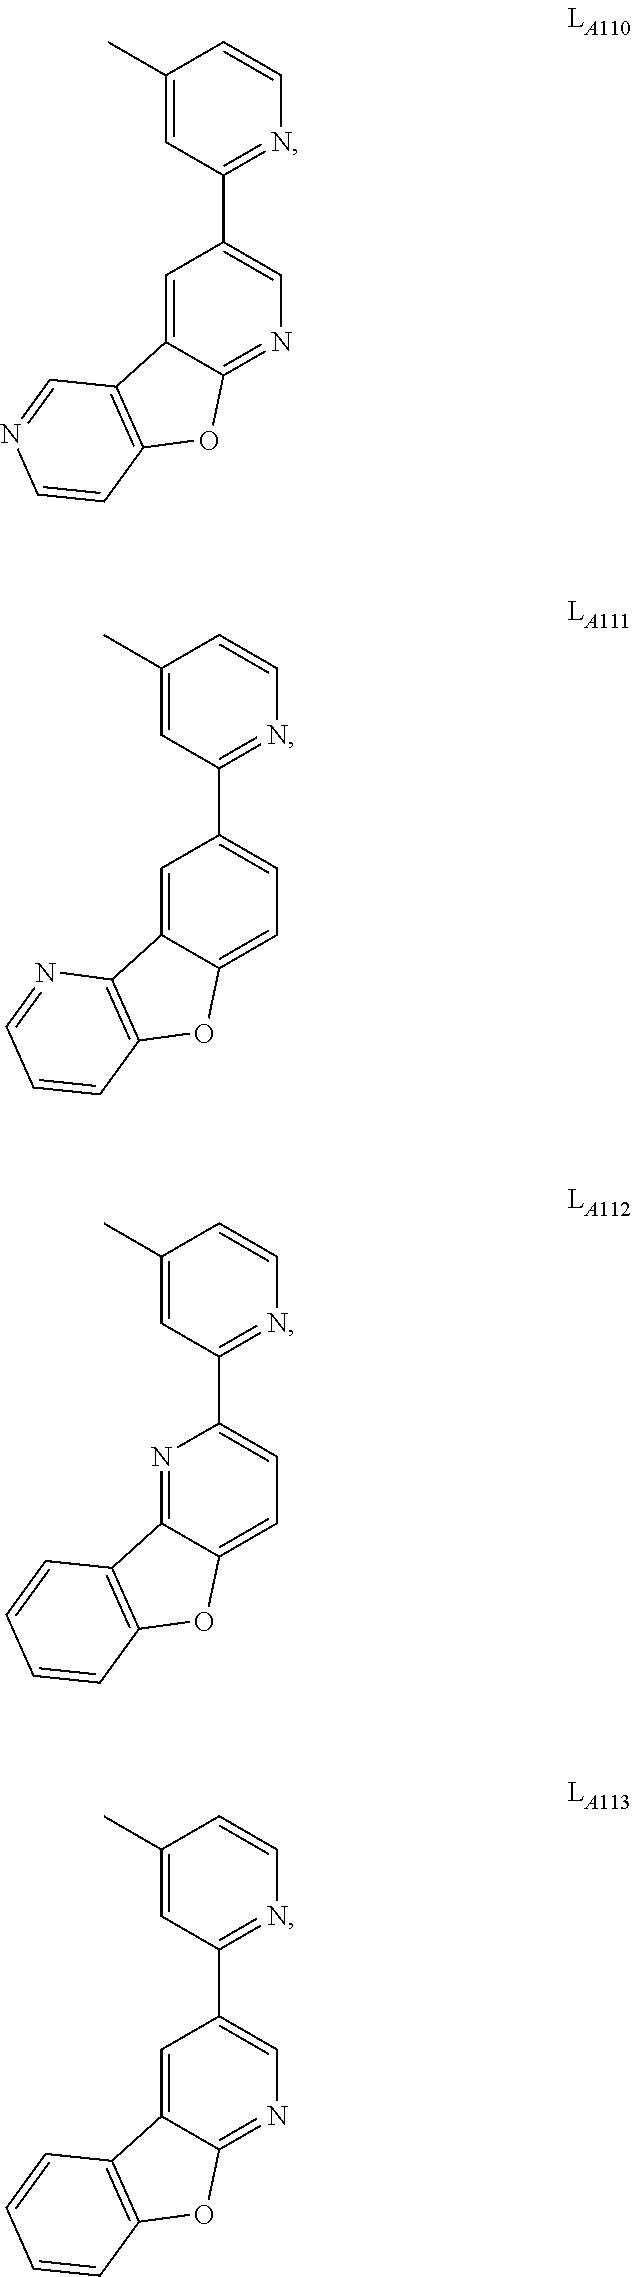 Figure US09634264-20170425-C00075